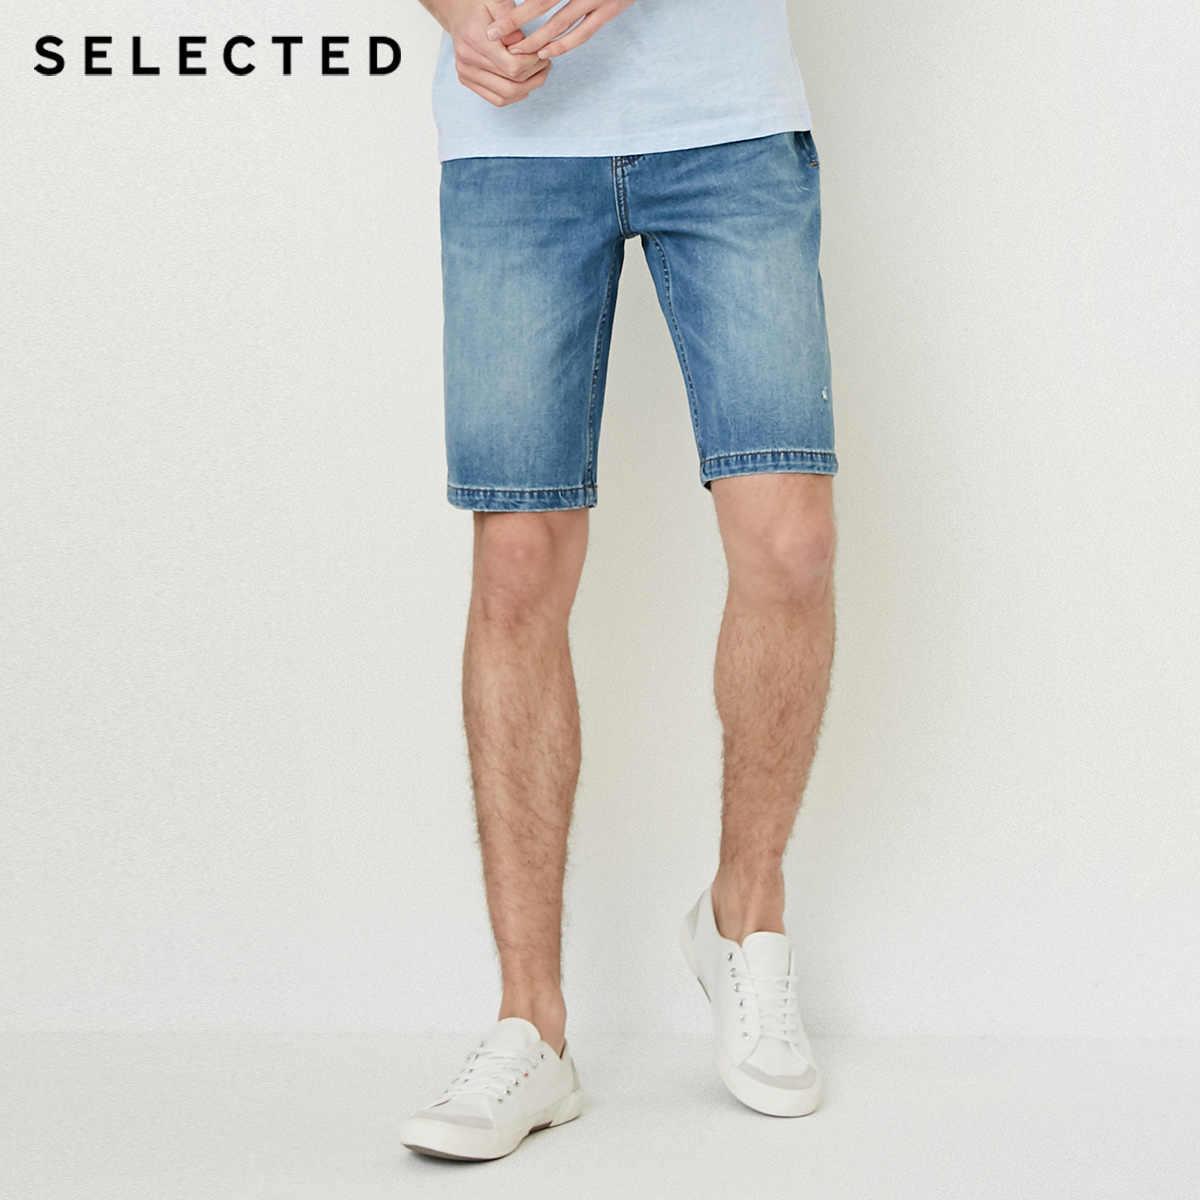 Отборные джинсовые шорты для отдыха из смесового хлопка C | 4182S3511